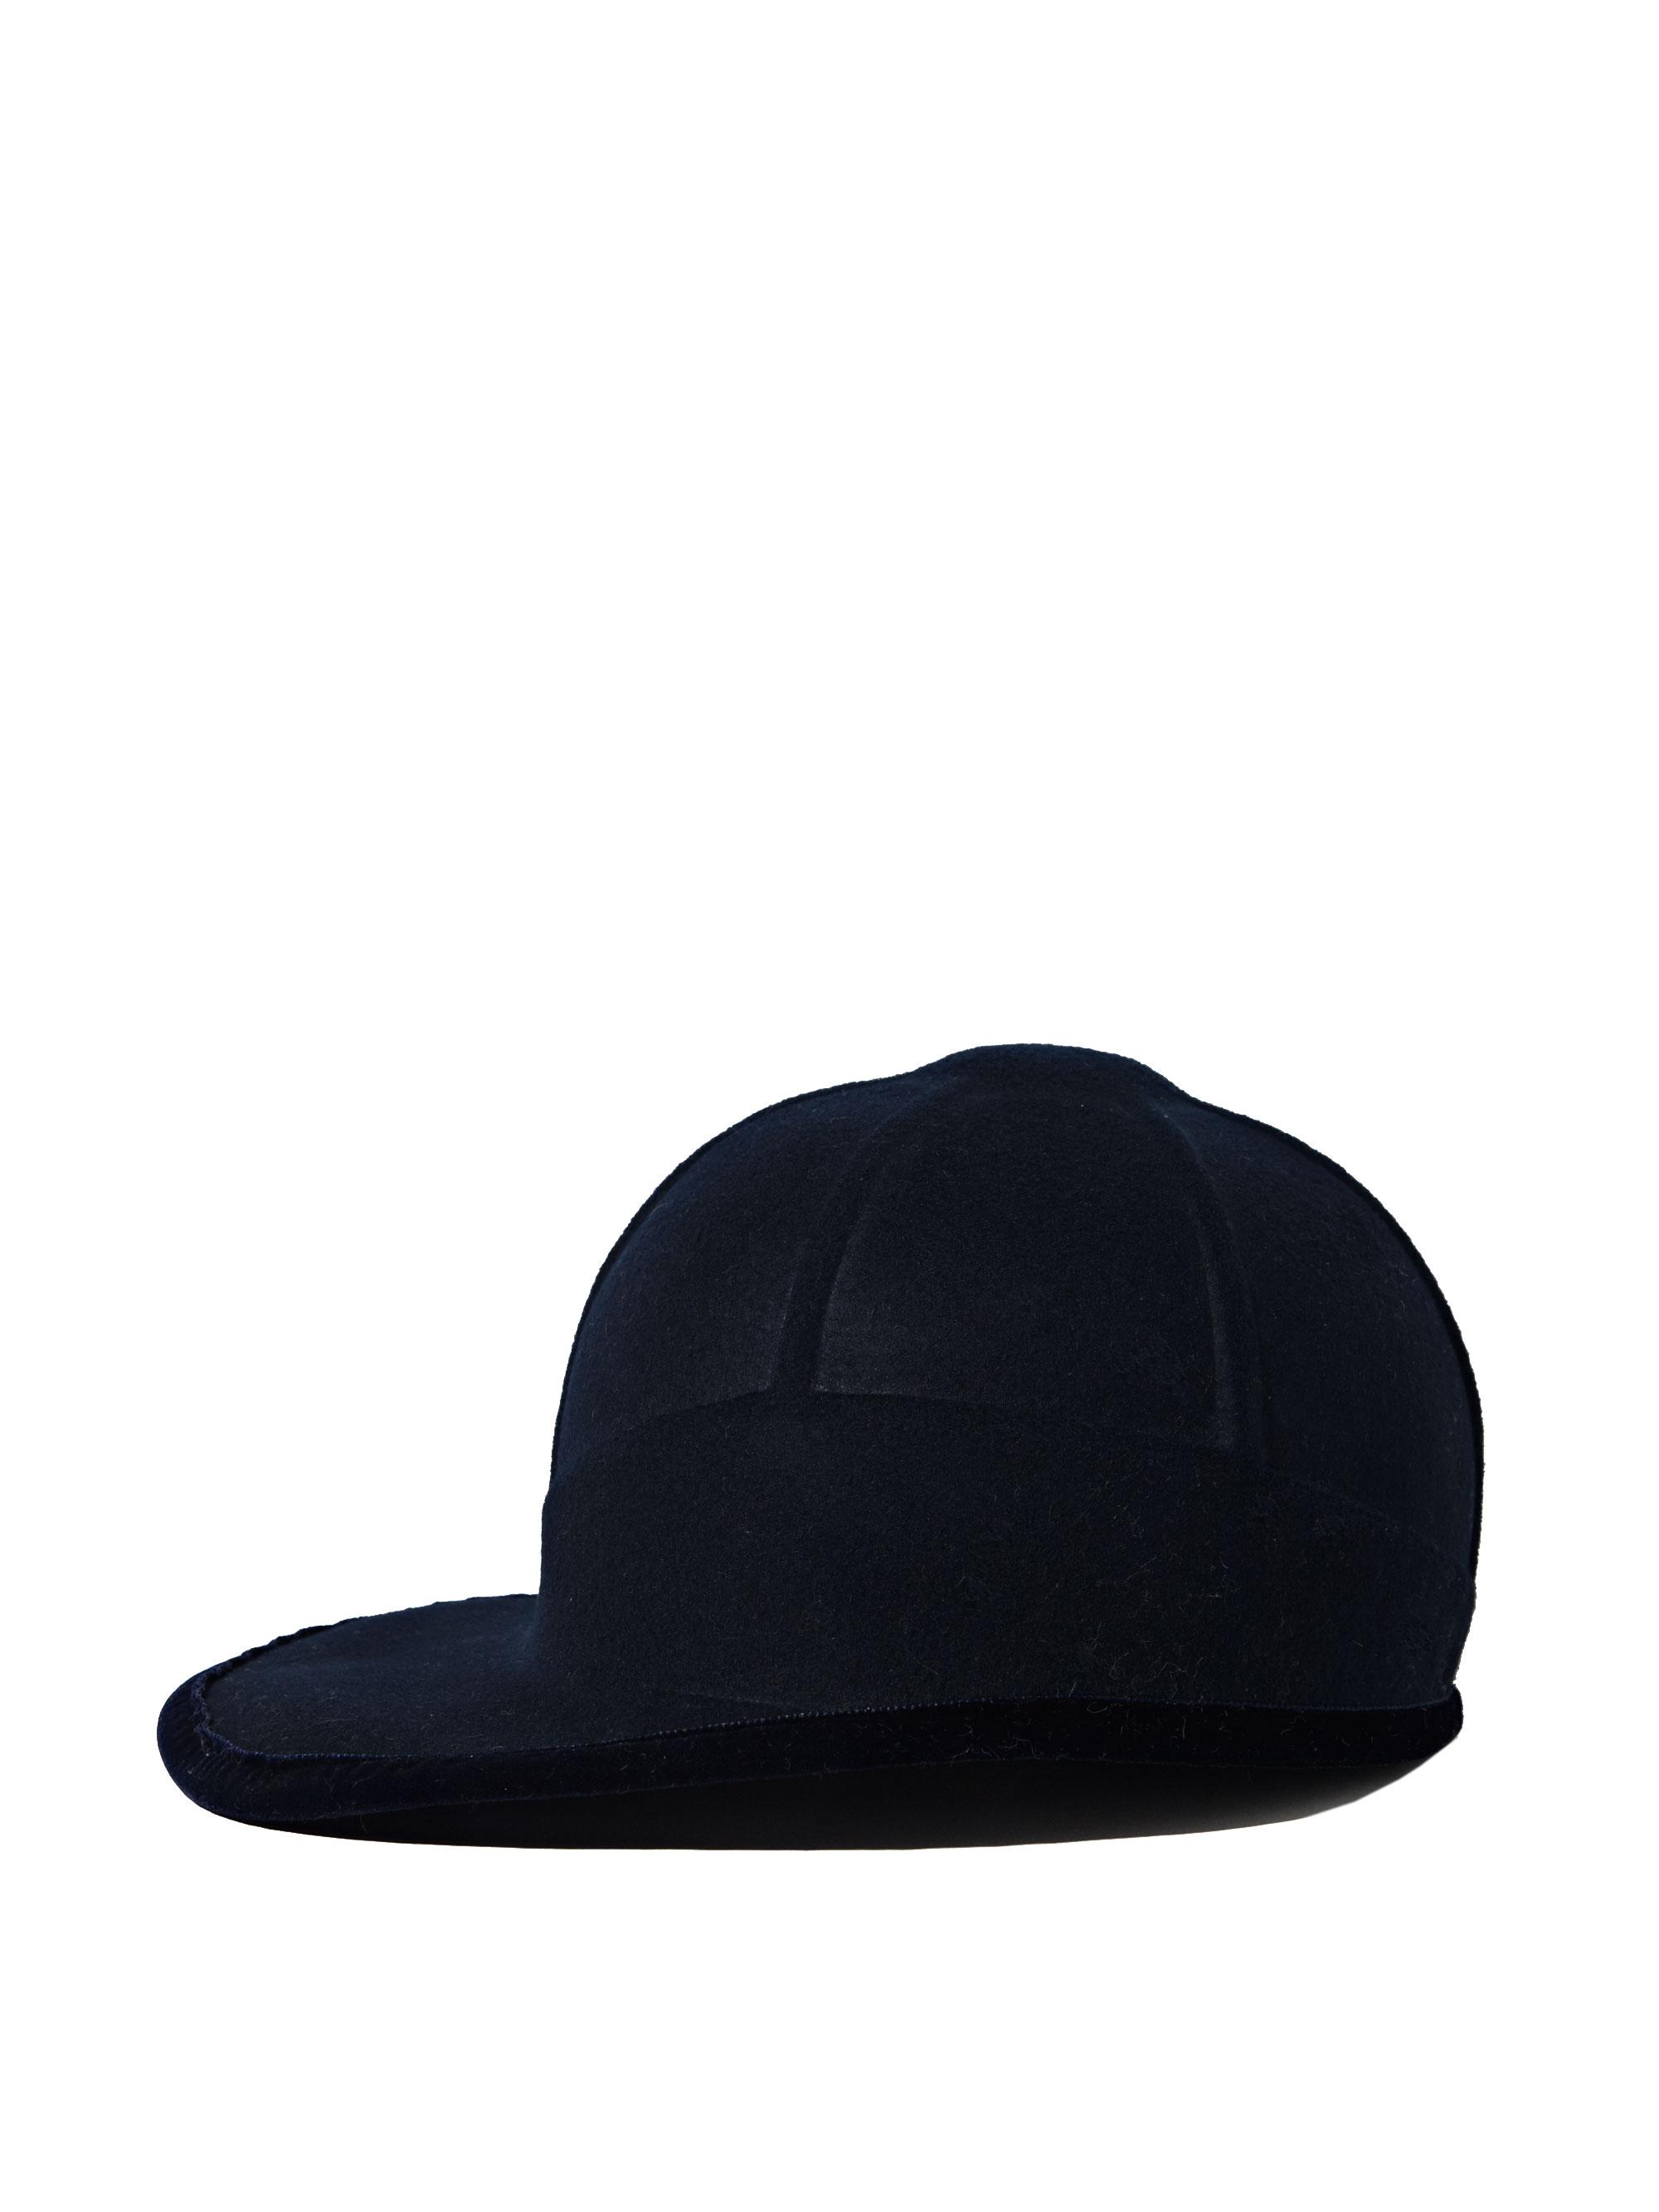 6d14a3a2a26cb Clyde Womens Safari Wool Felt Ballcap in Blue - Lyst